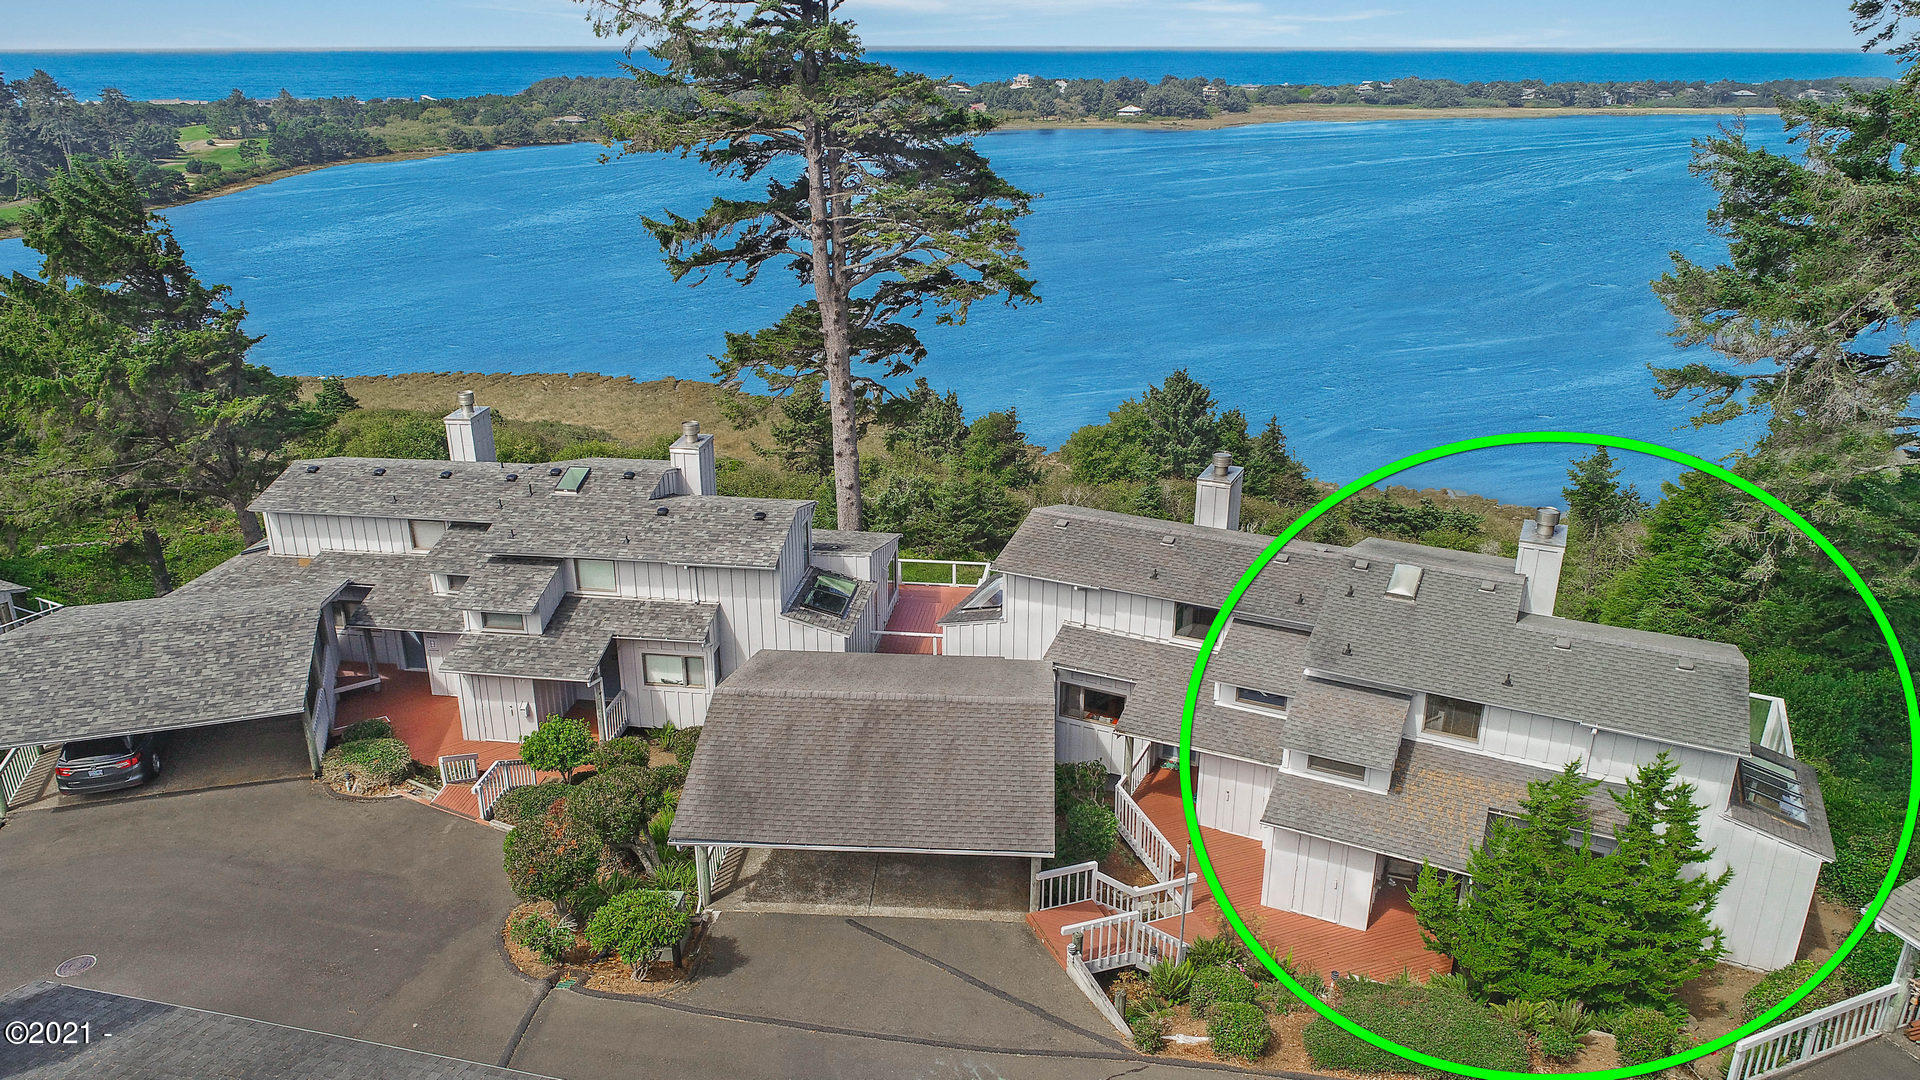 9 Bluffs Dr, Gleneden Beach, OR 97388 - 211 MLS Unit 9 The Bluffs Depoe Bay